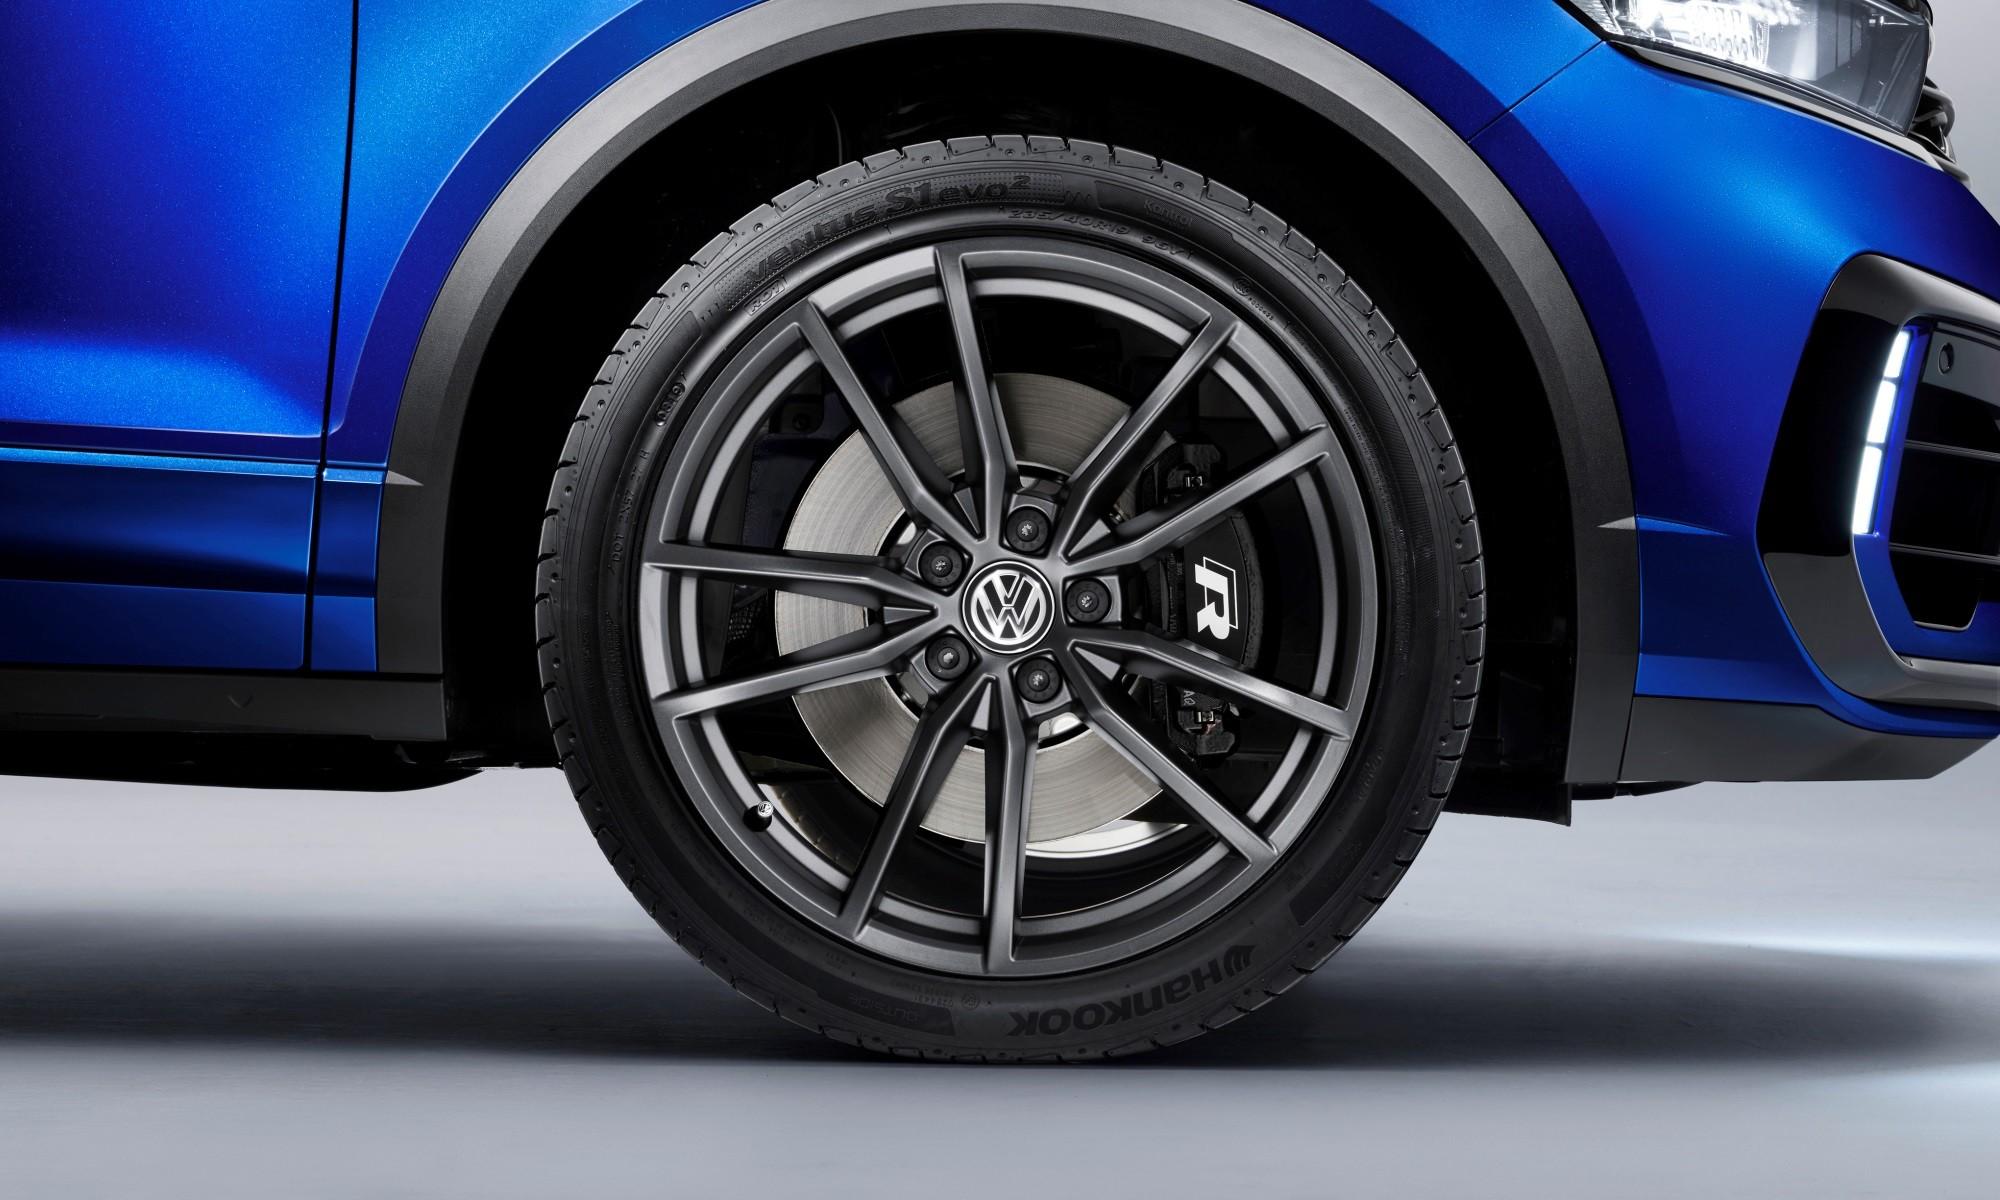 Volkswagen T-Roc R brakes